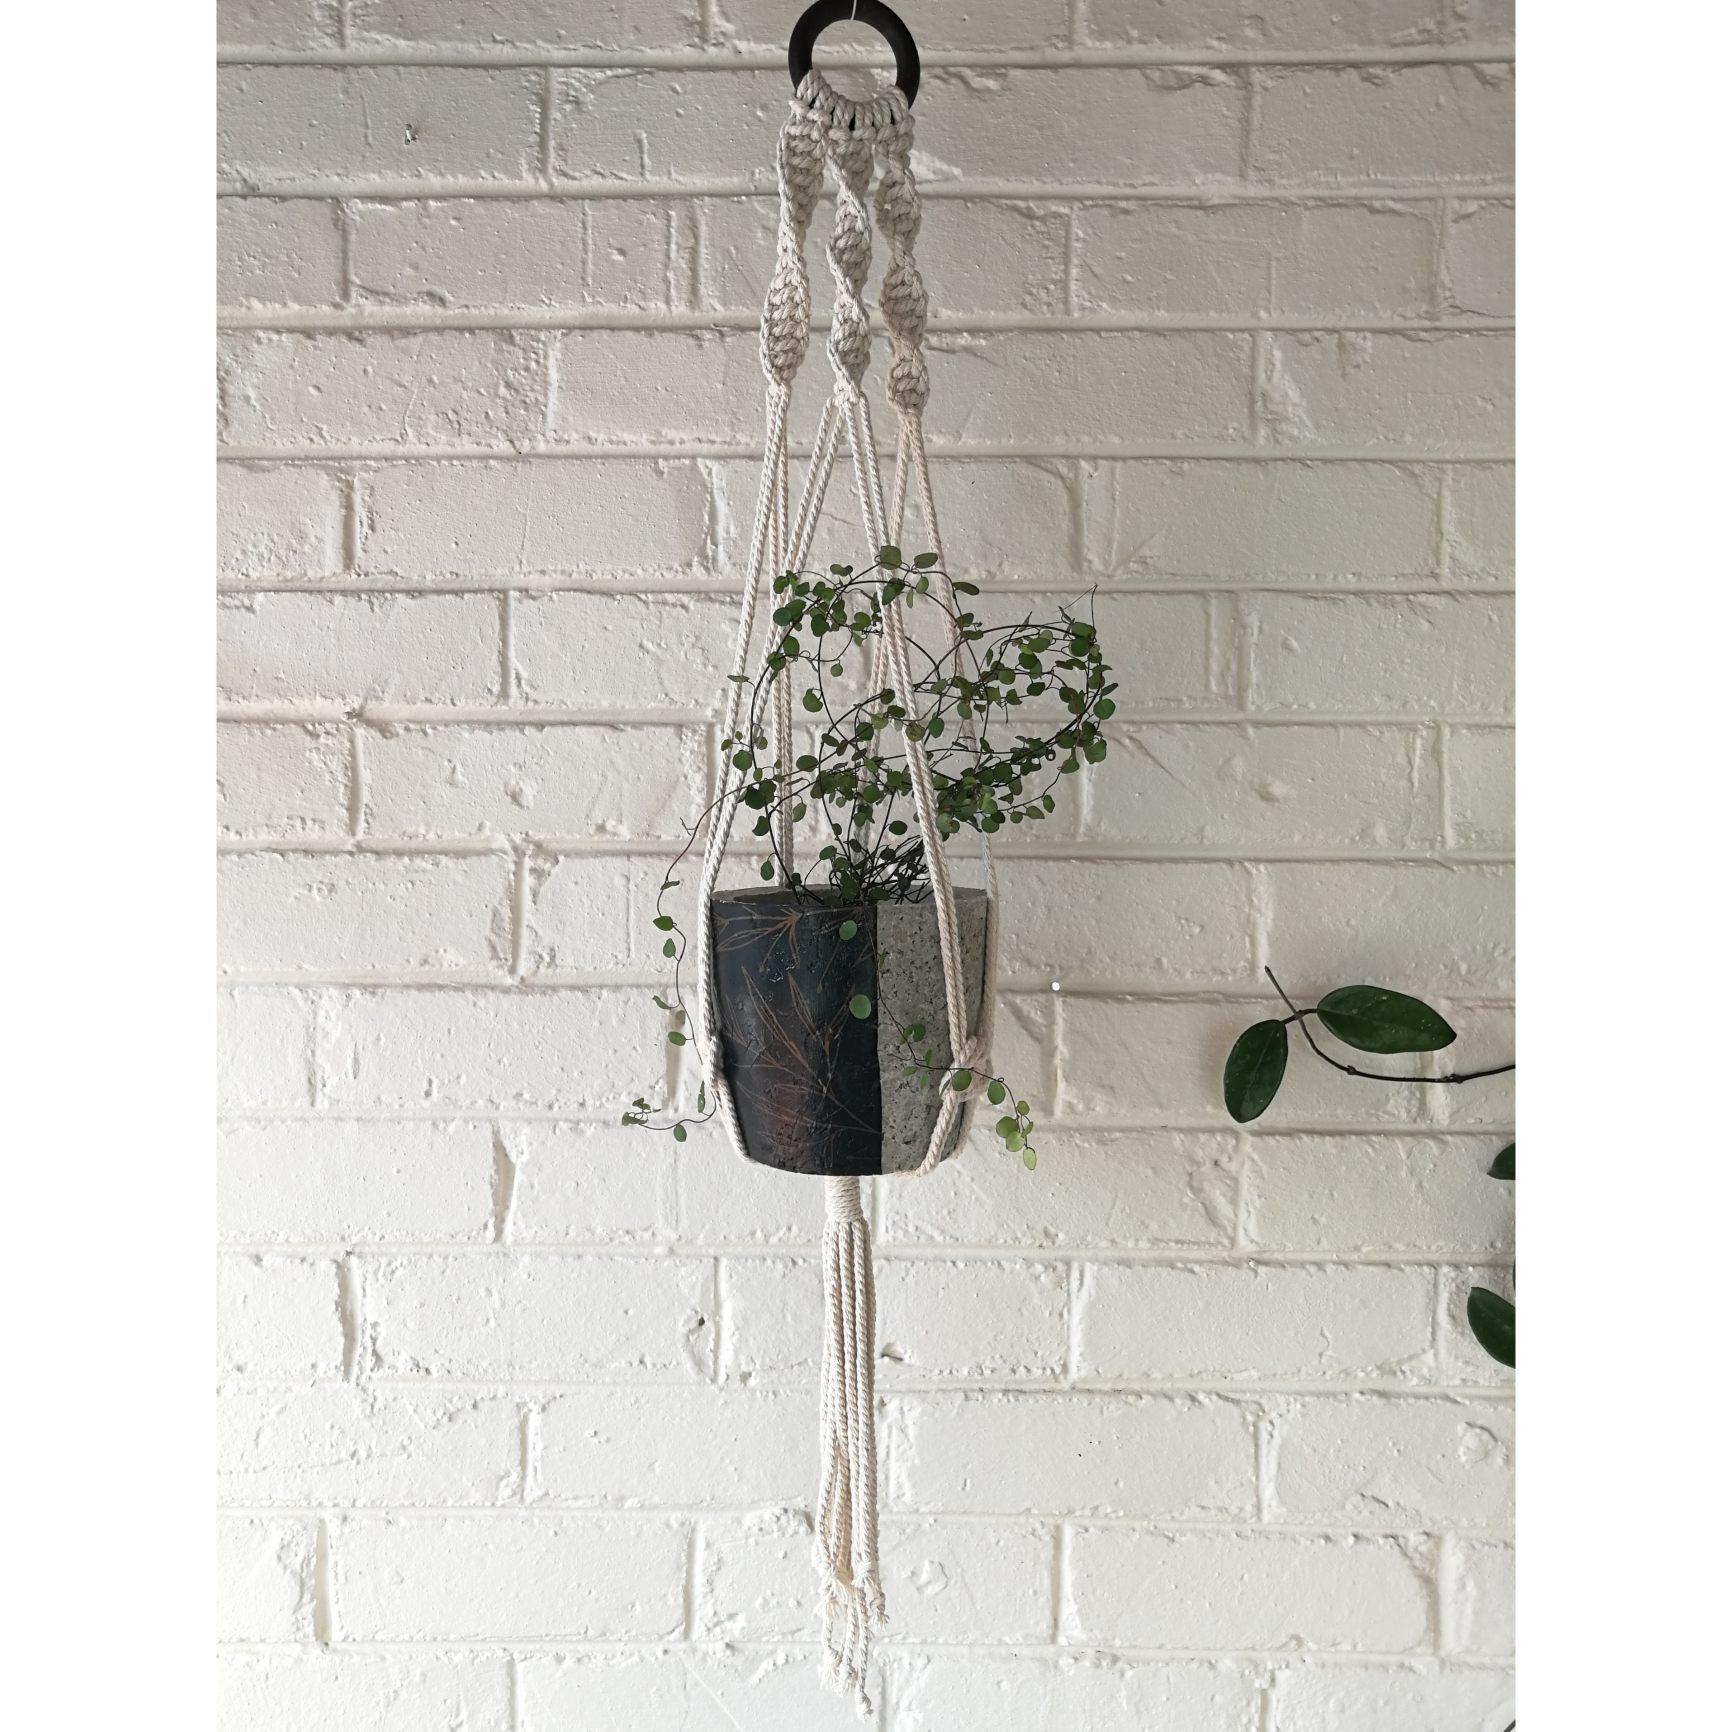 Macramé hanger with floral plant pot